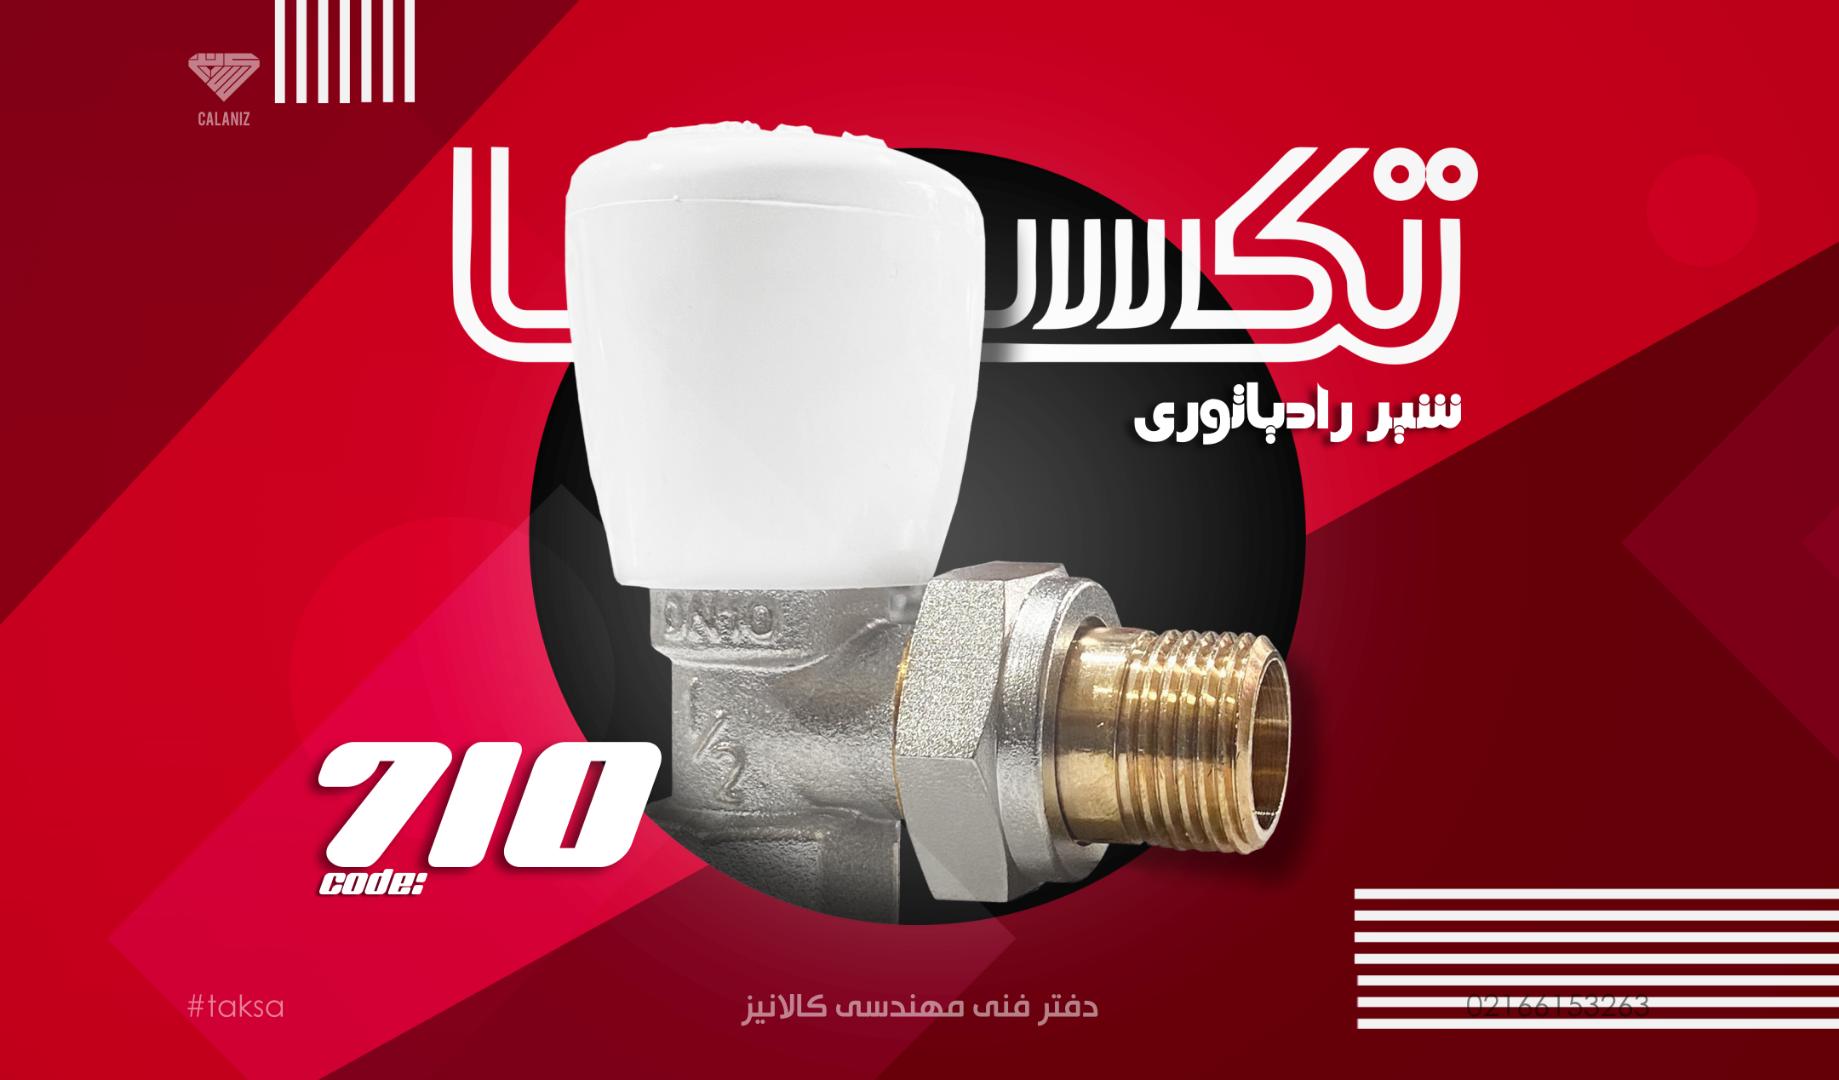 شیر رادیاتوری تکسا – کد 710